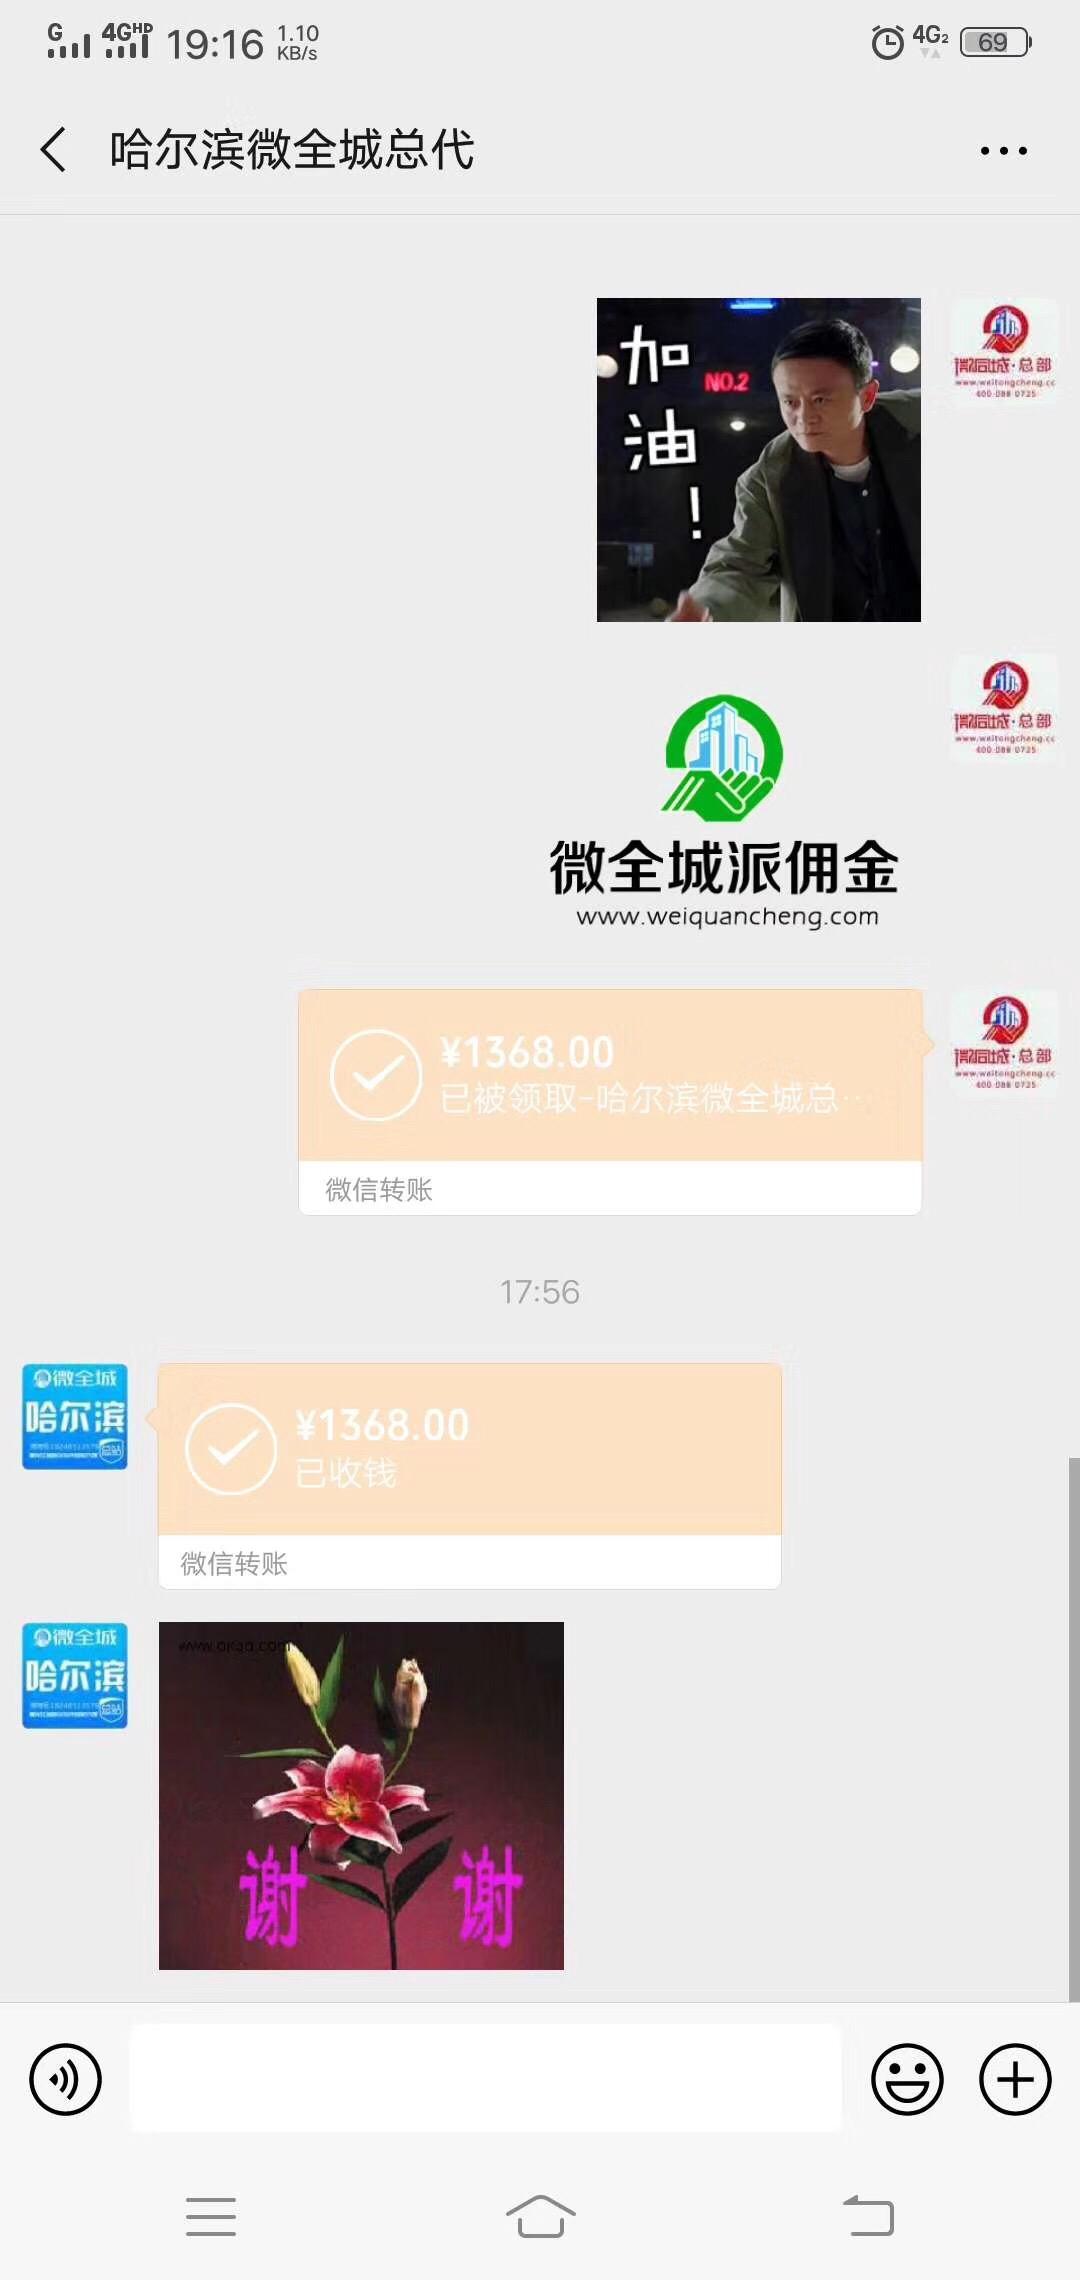 【又收1368元】总代收益不断,哈尔滨微全城微帮总代广告佣金